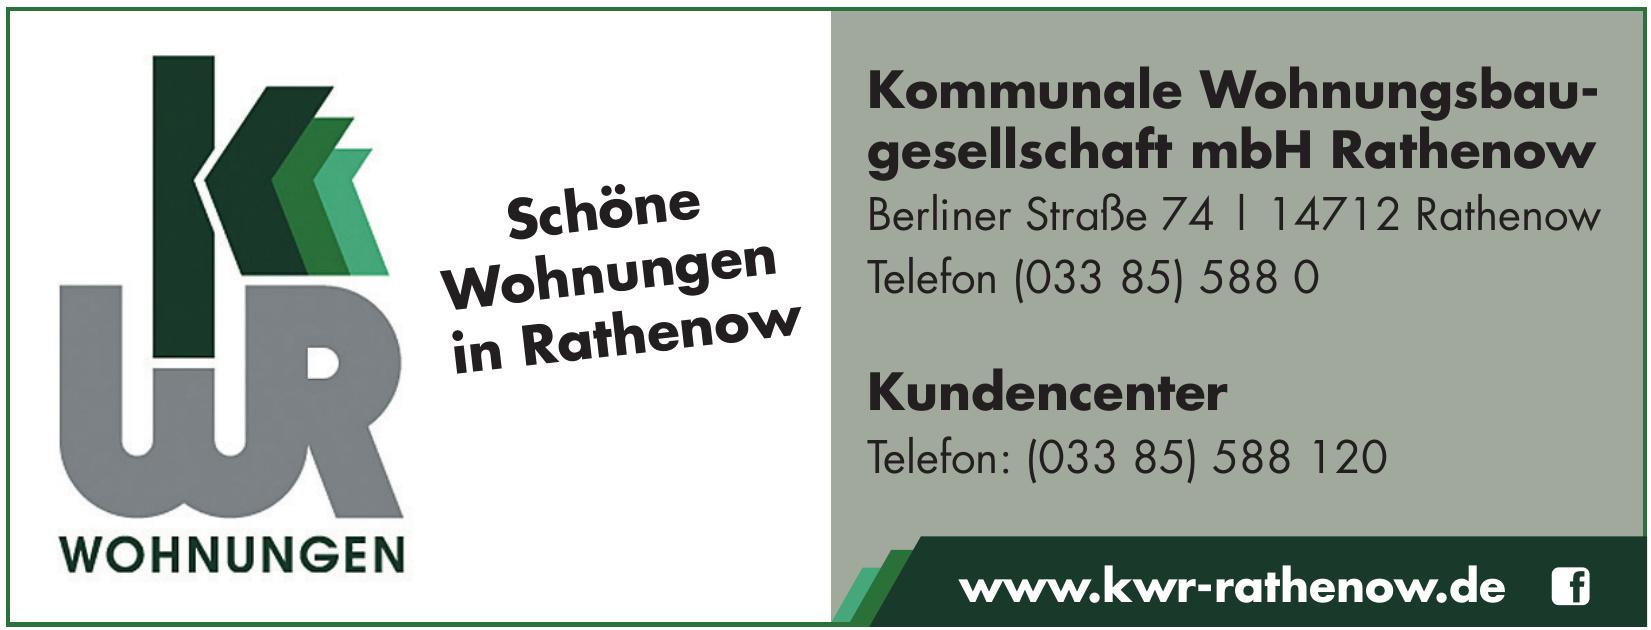 KWR Kommunale Wohnungsbaugesellschaft mbH Rathenow